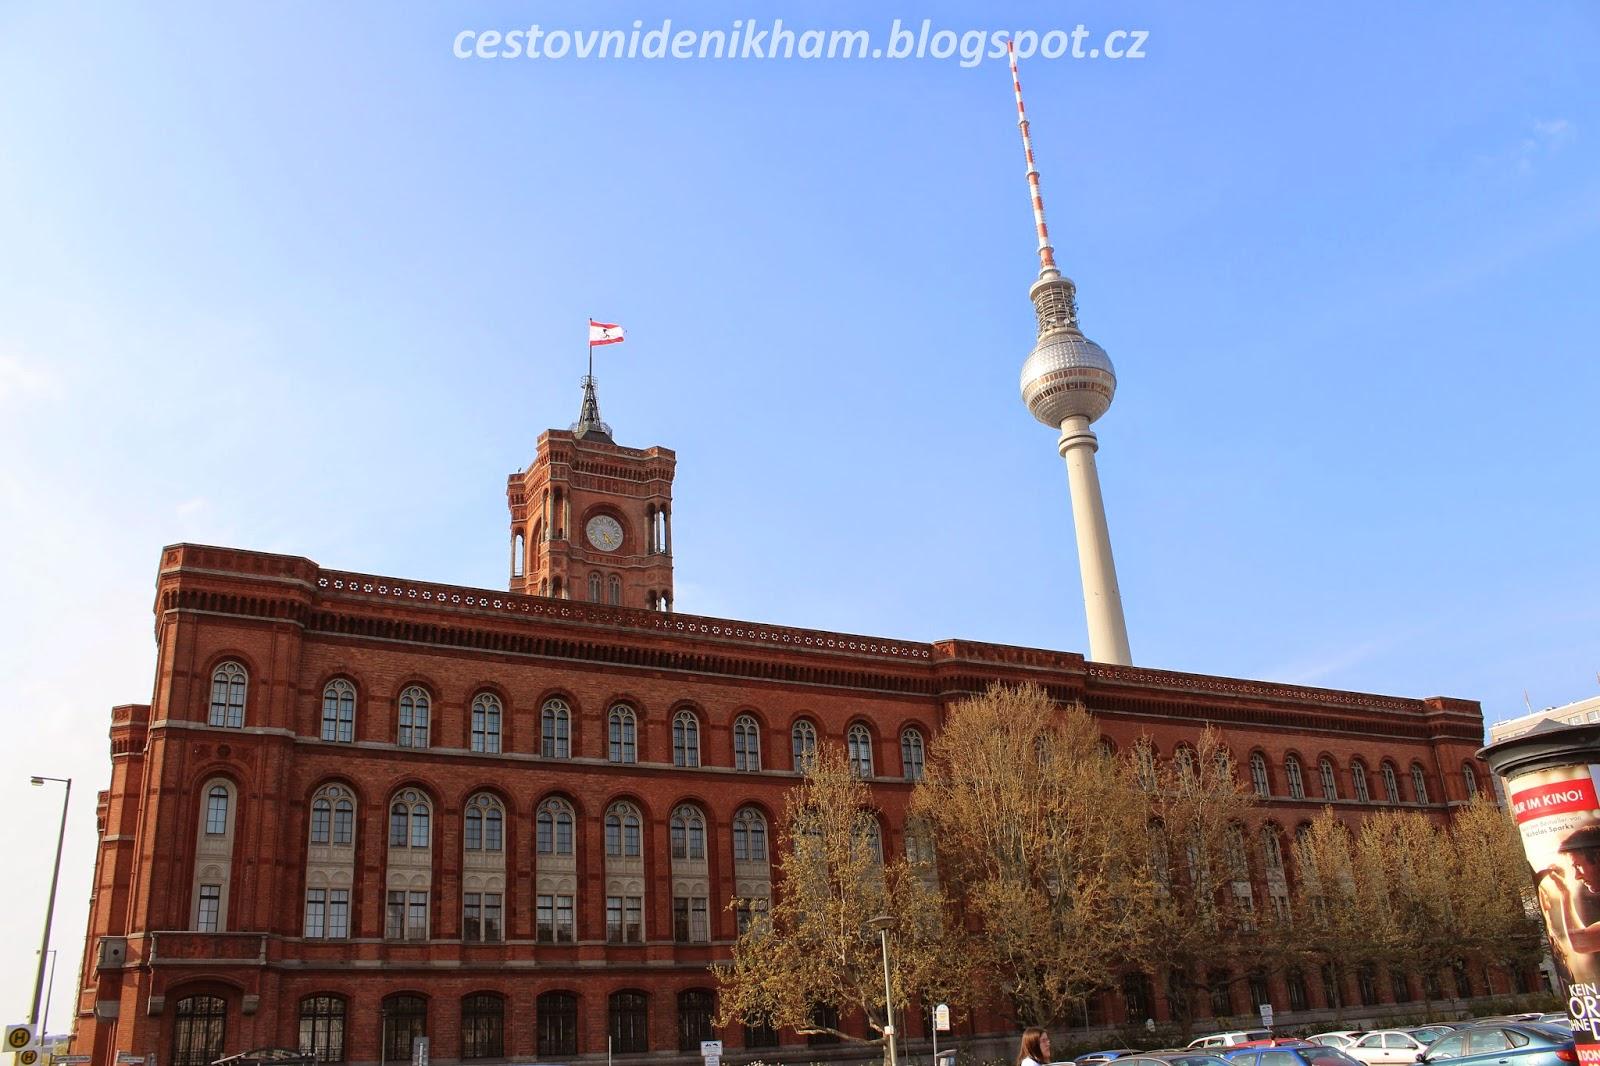 Červená radnice // red Town Hall